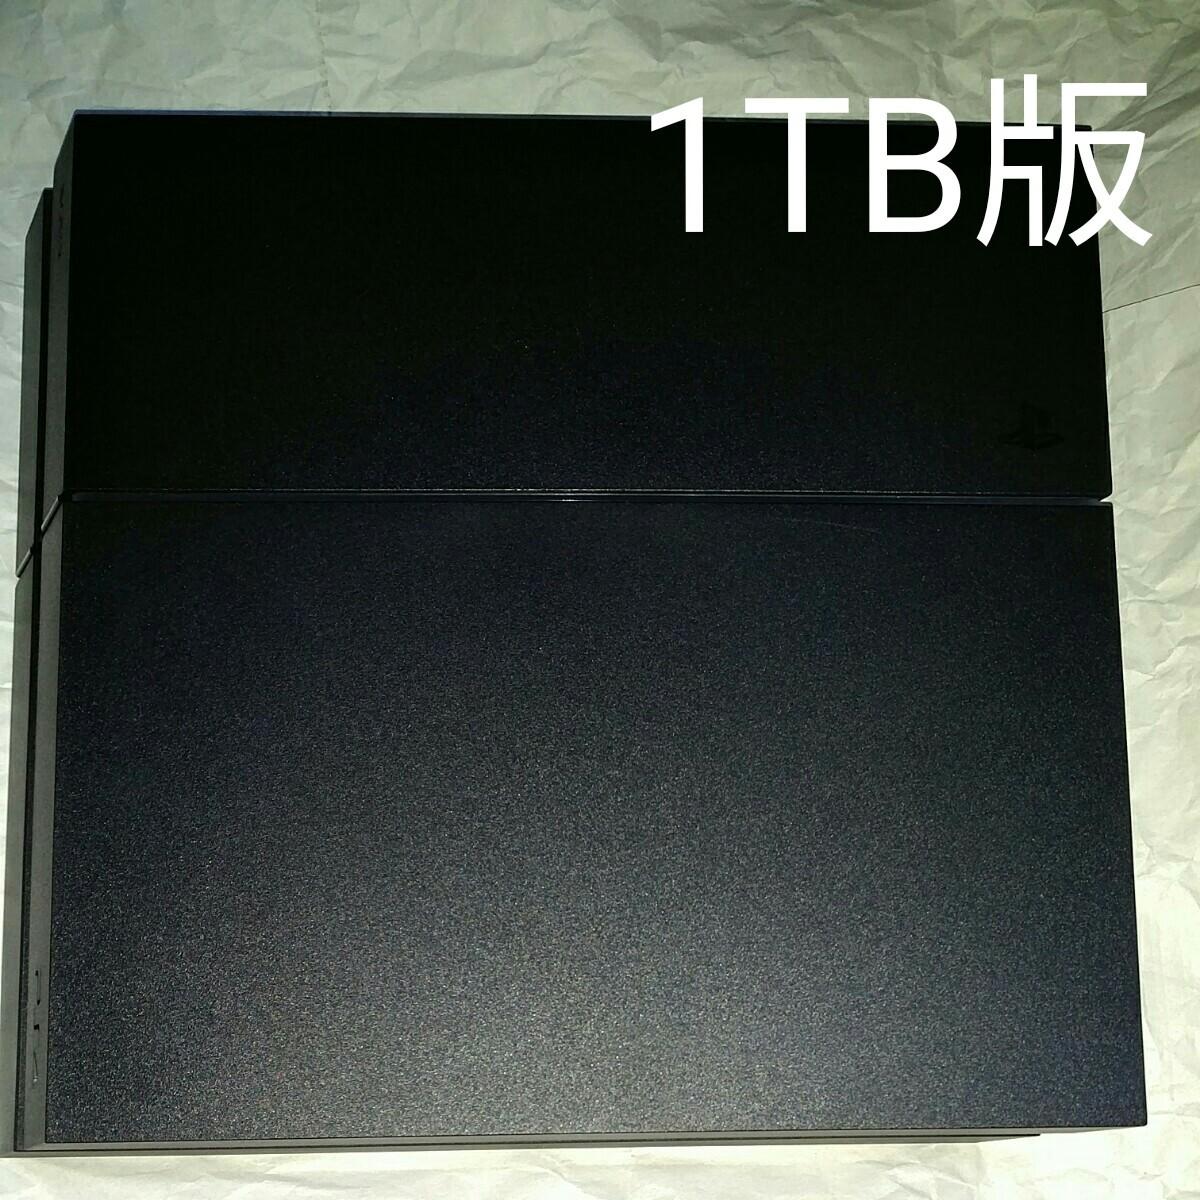 動作確認済み PS4 CUH-1200B 物理ボタン 黒 本体 1TB版